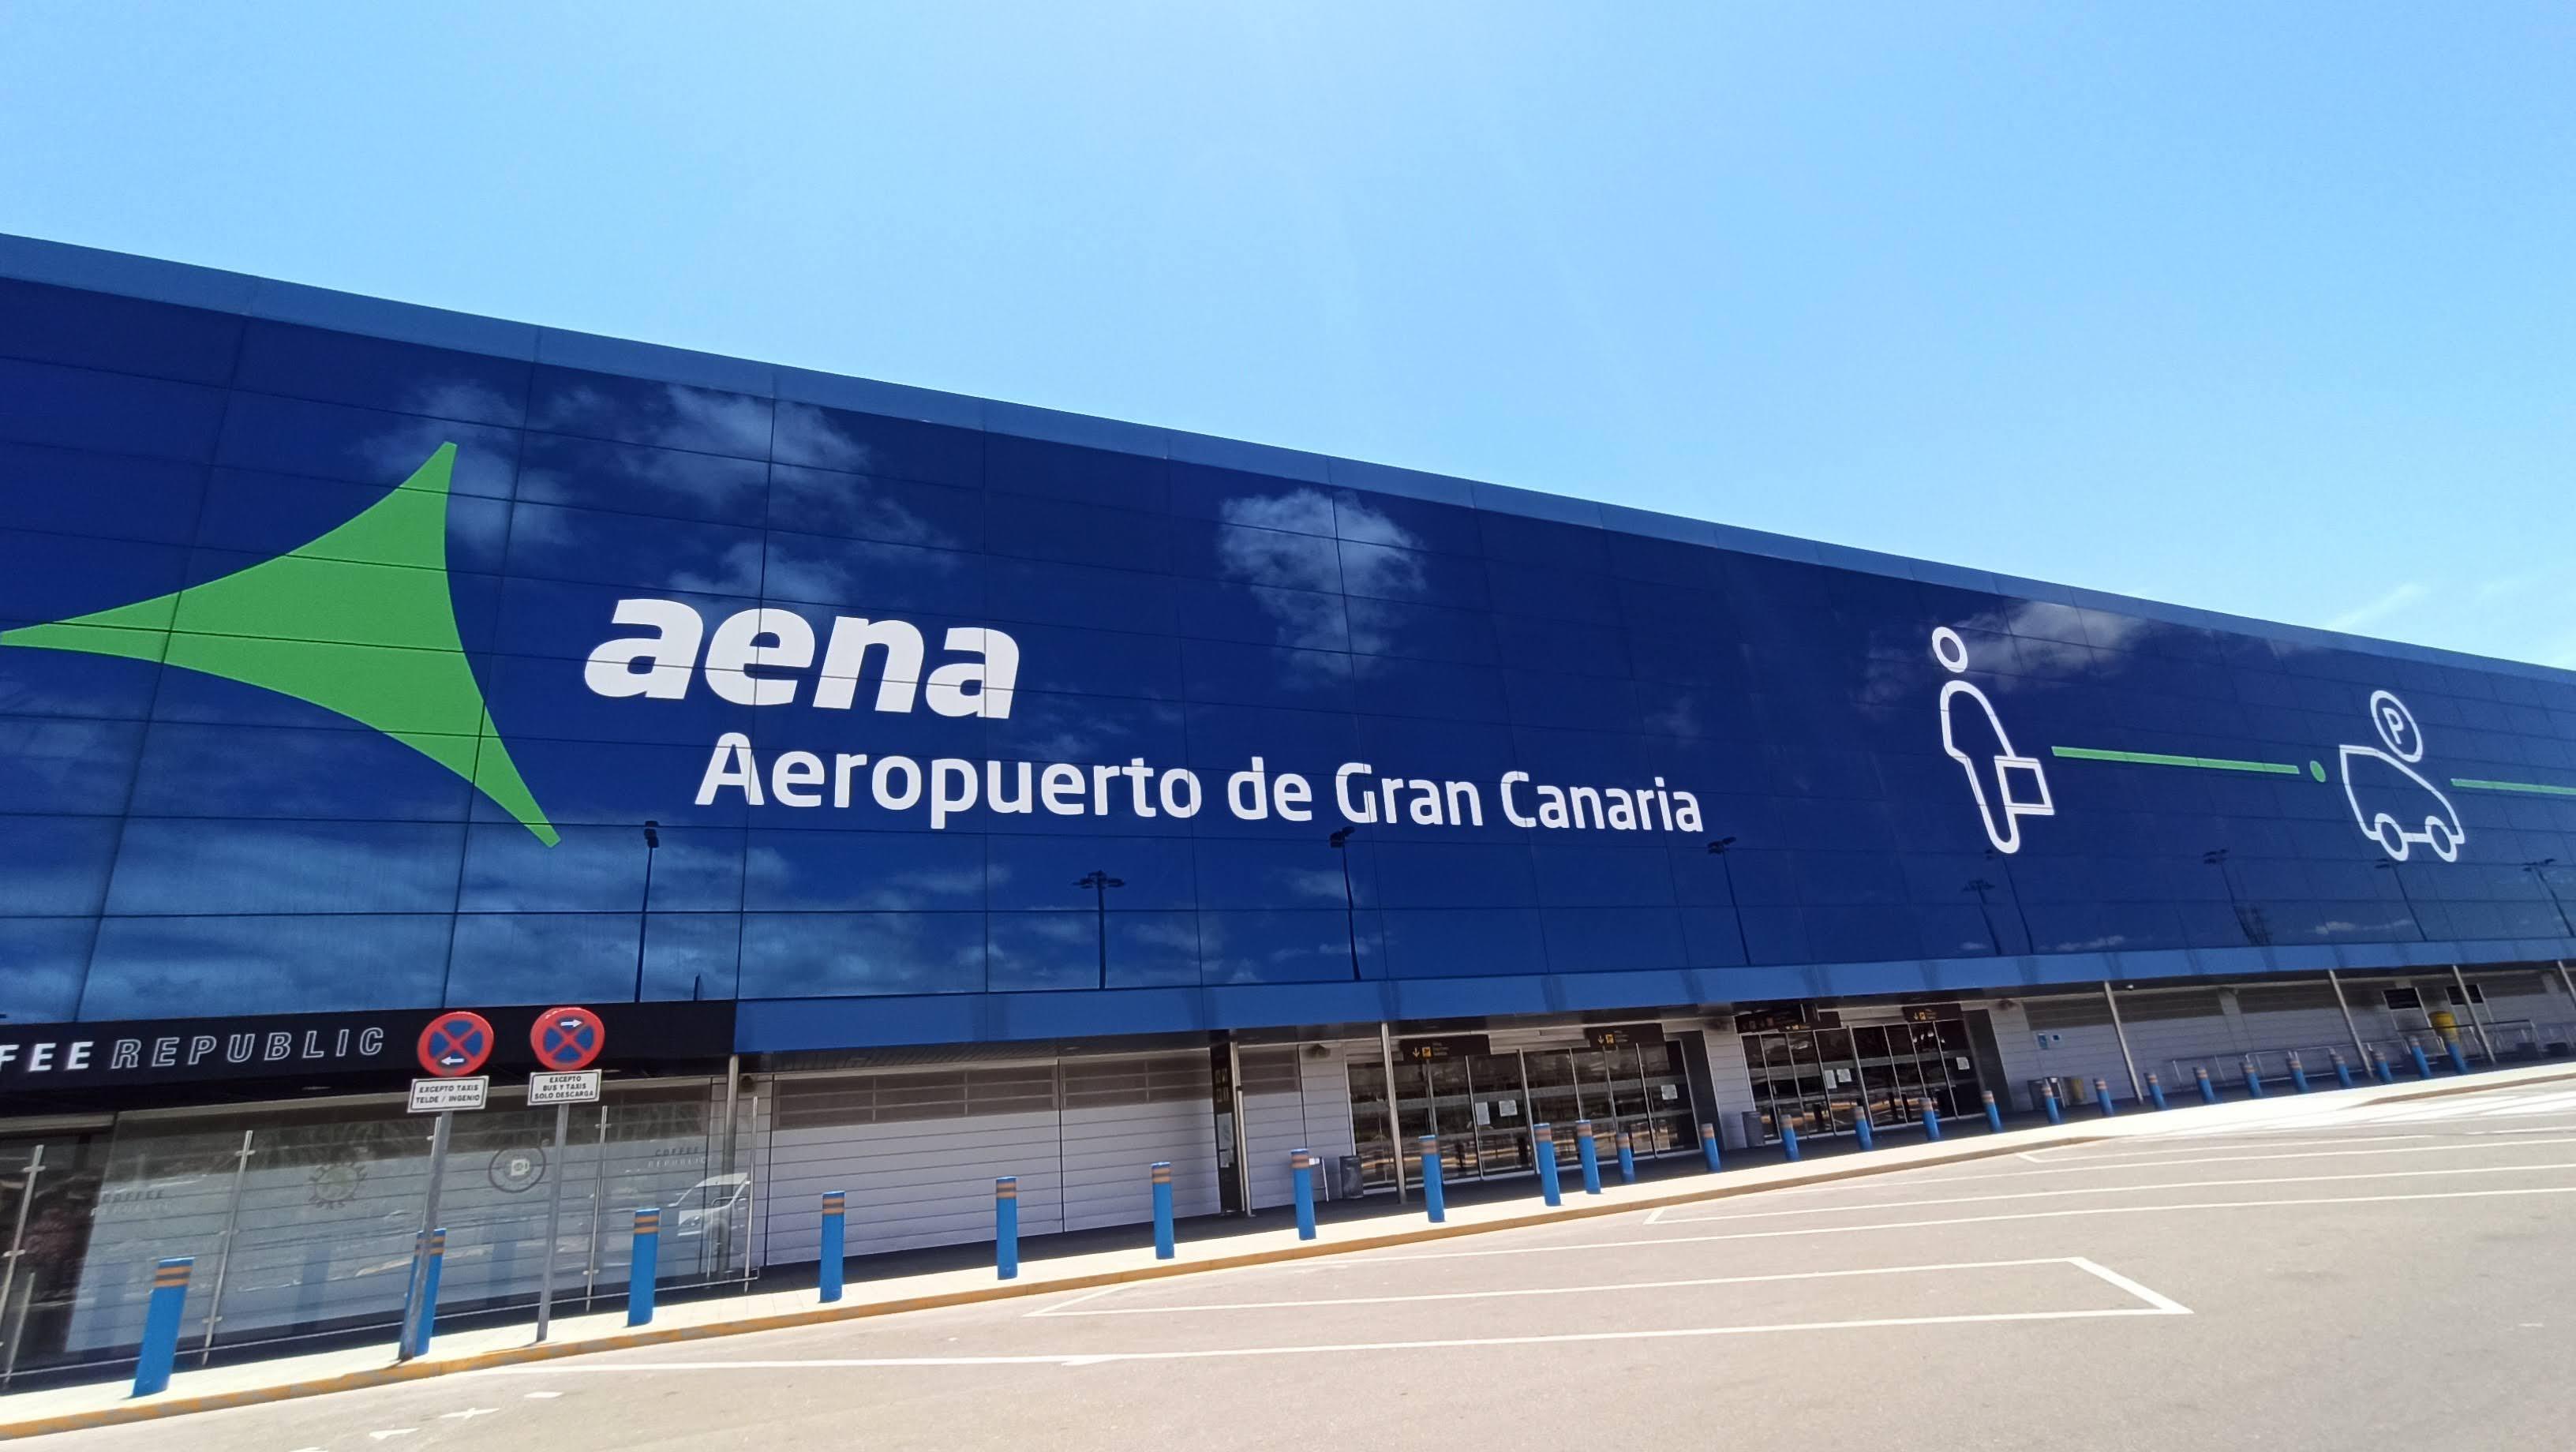 Los aeropuertos españoles, preparados para exigir PCR y hacer test antígenos